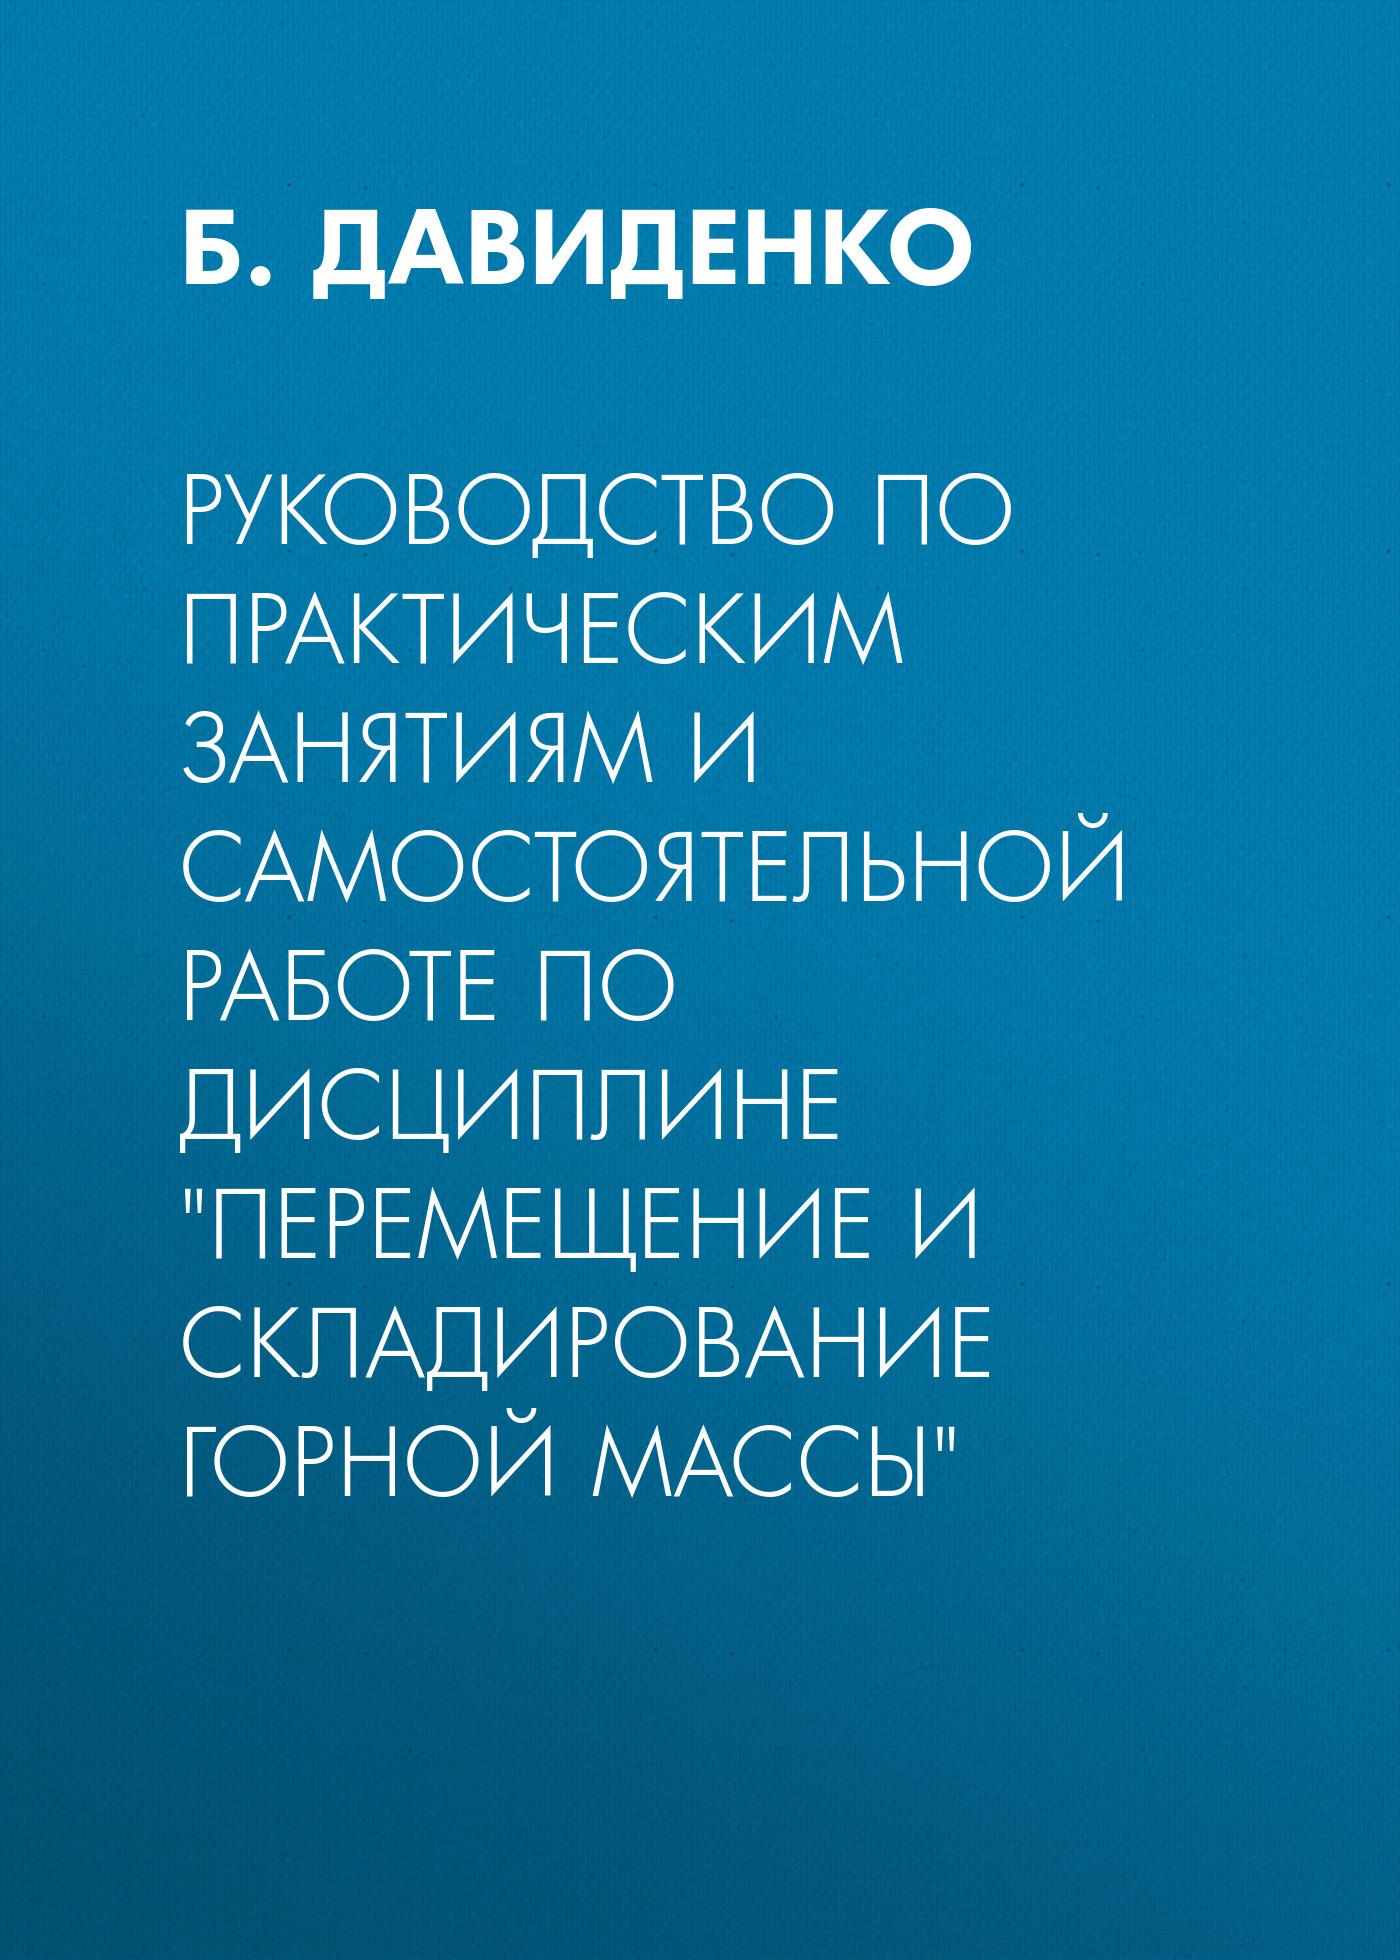 Б. Давиденко Руководство по практическим занятиям и самостоятельной работе по дисциплине «Перемещение и складирование горной массы»